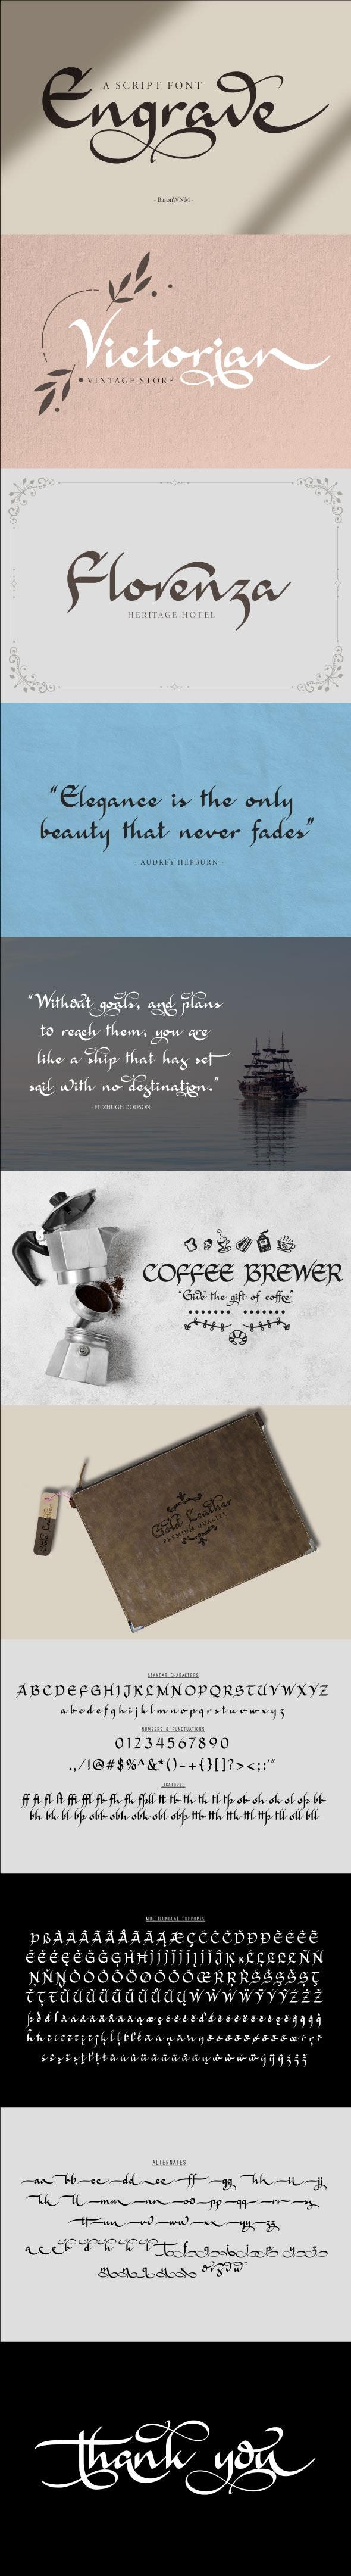 Engrave - Script Fonts